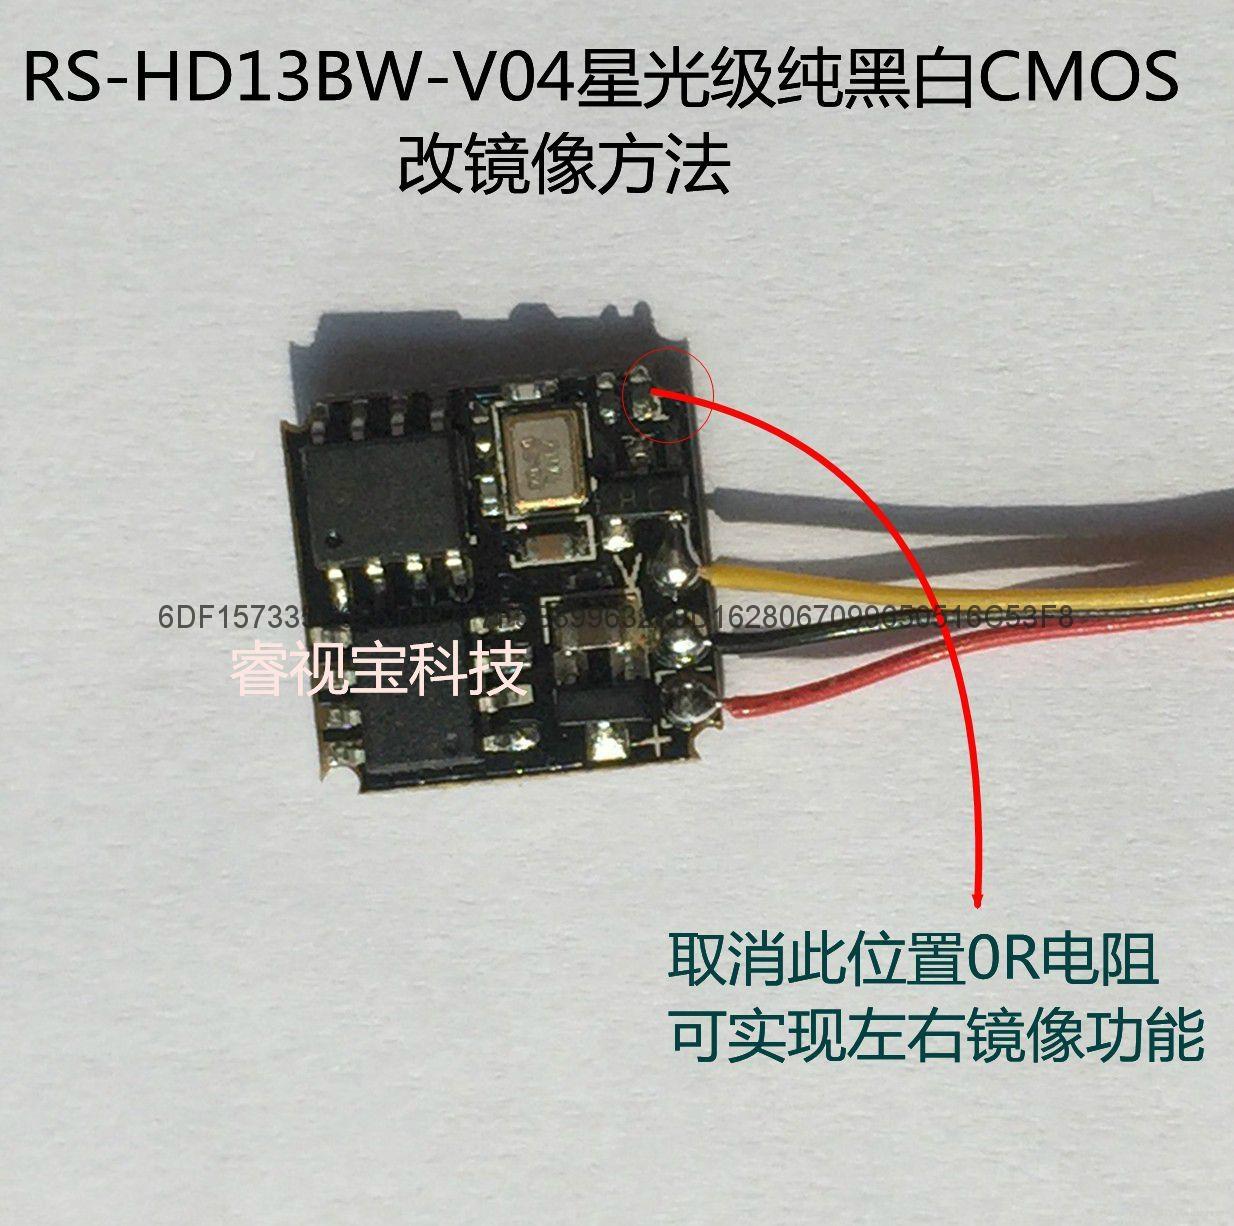 星光级摄像头 夜视仪摄像头 纯黑白CMOS摄像头 5